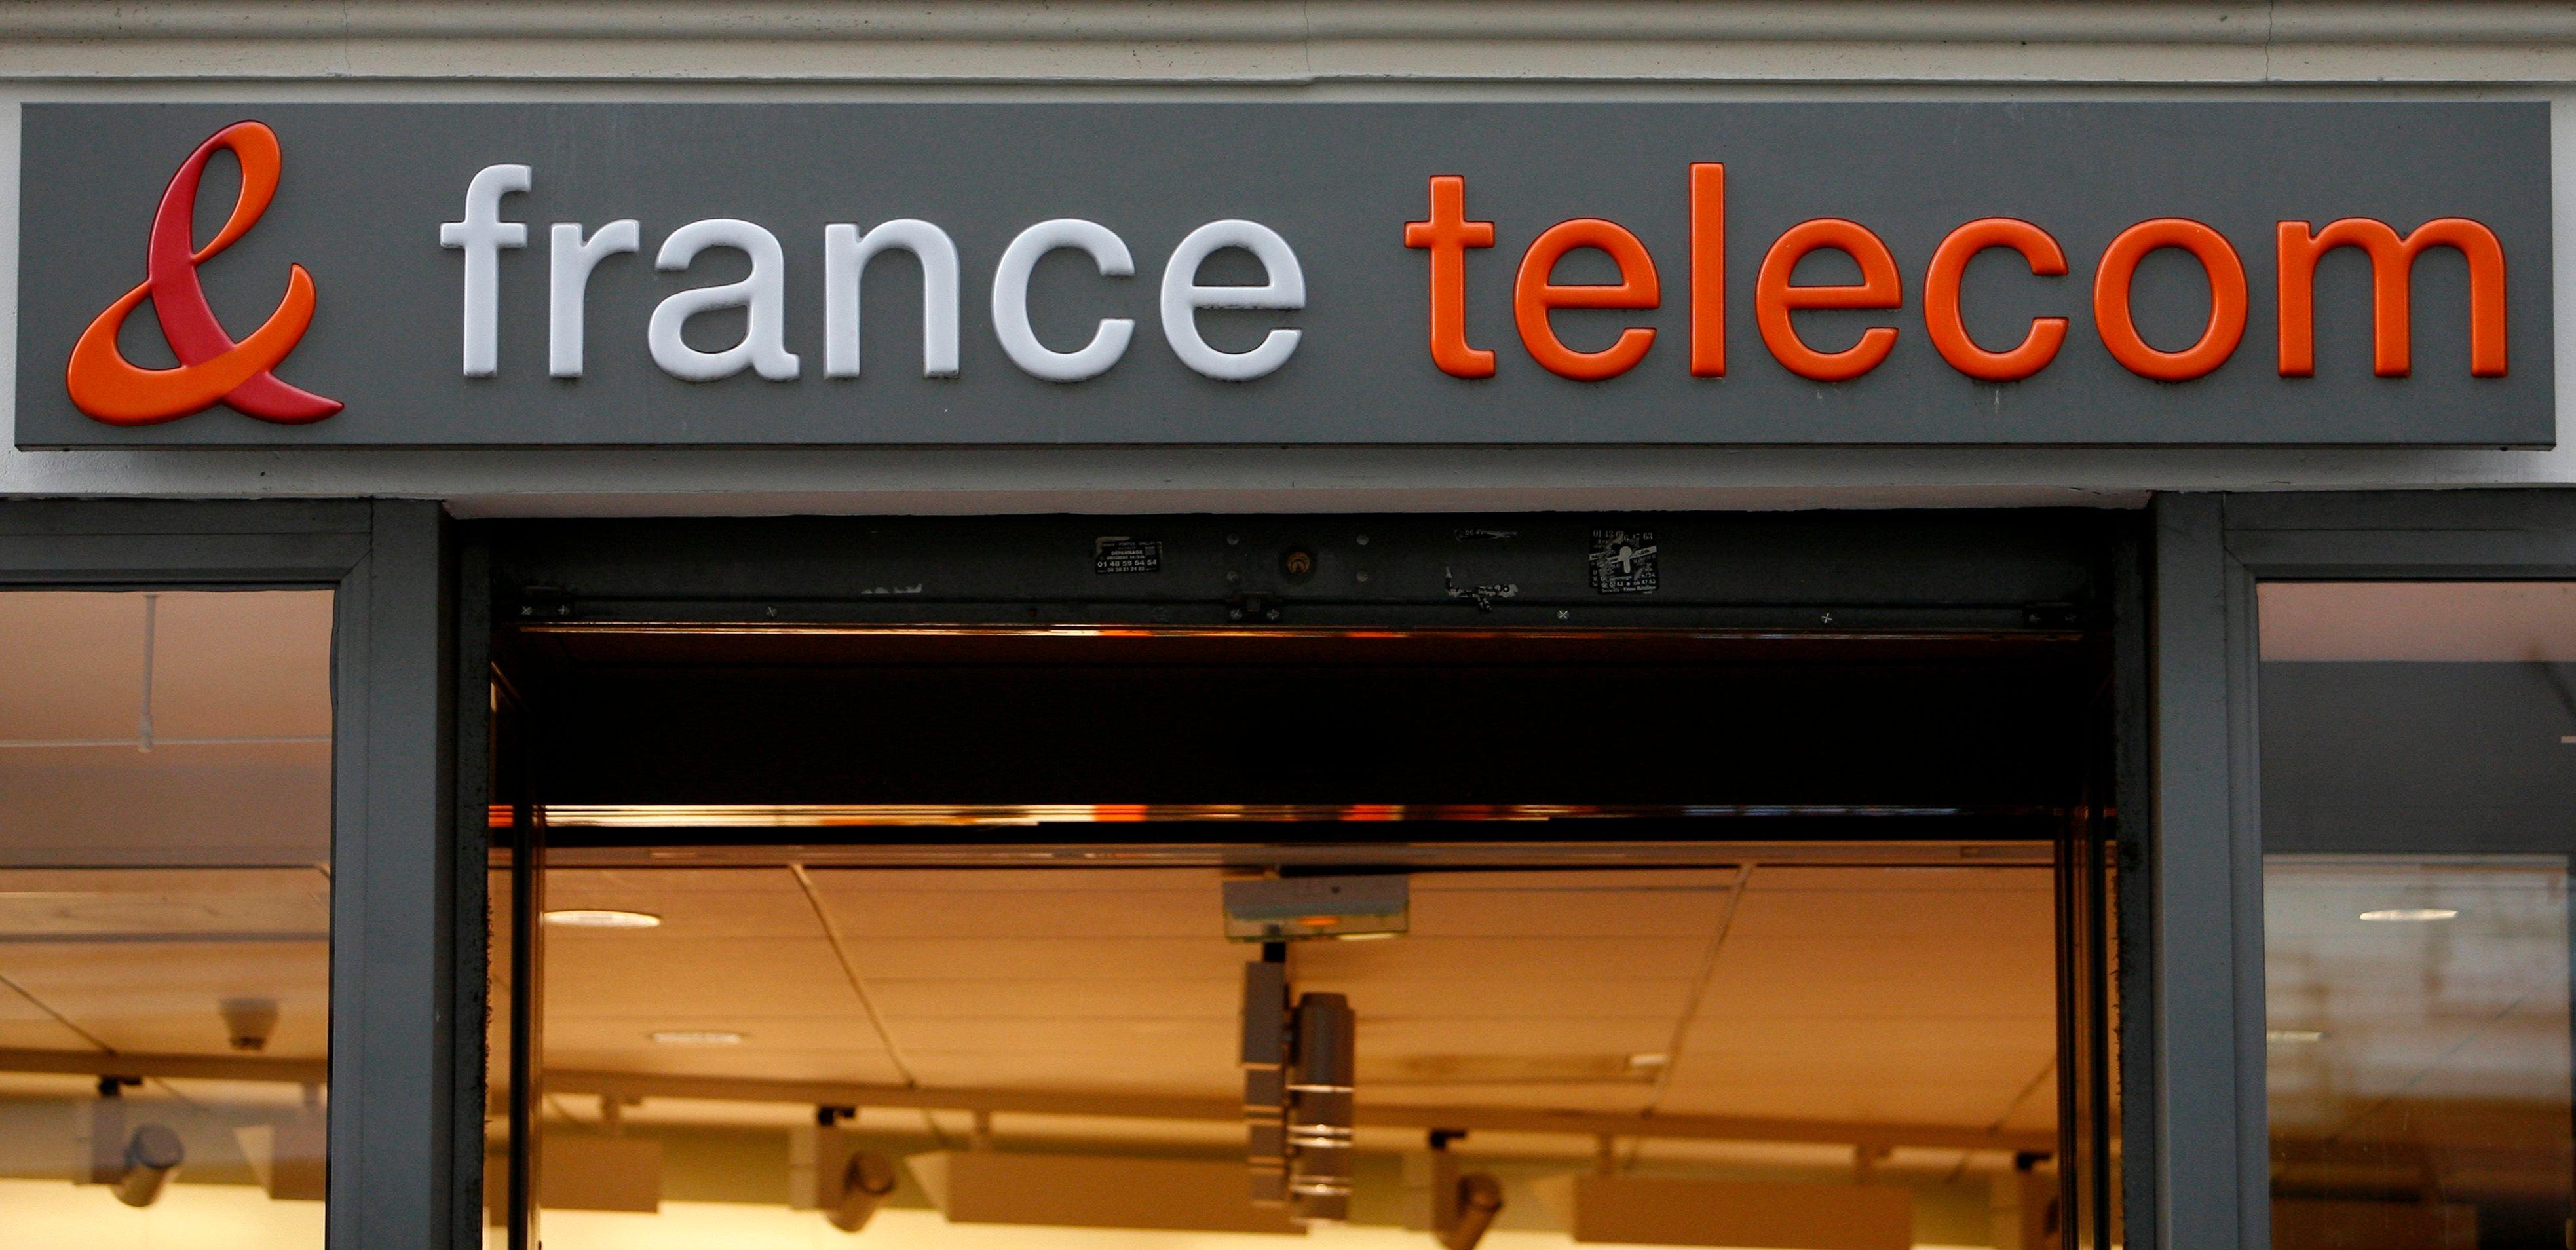 Acoso En Carceles Porno tres altos cargos de la antigua france télécom condenados a un año de  cárcel por acoso moral